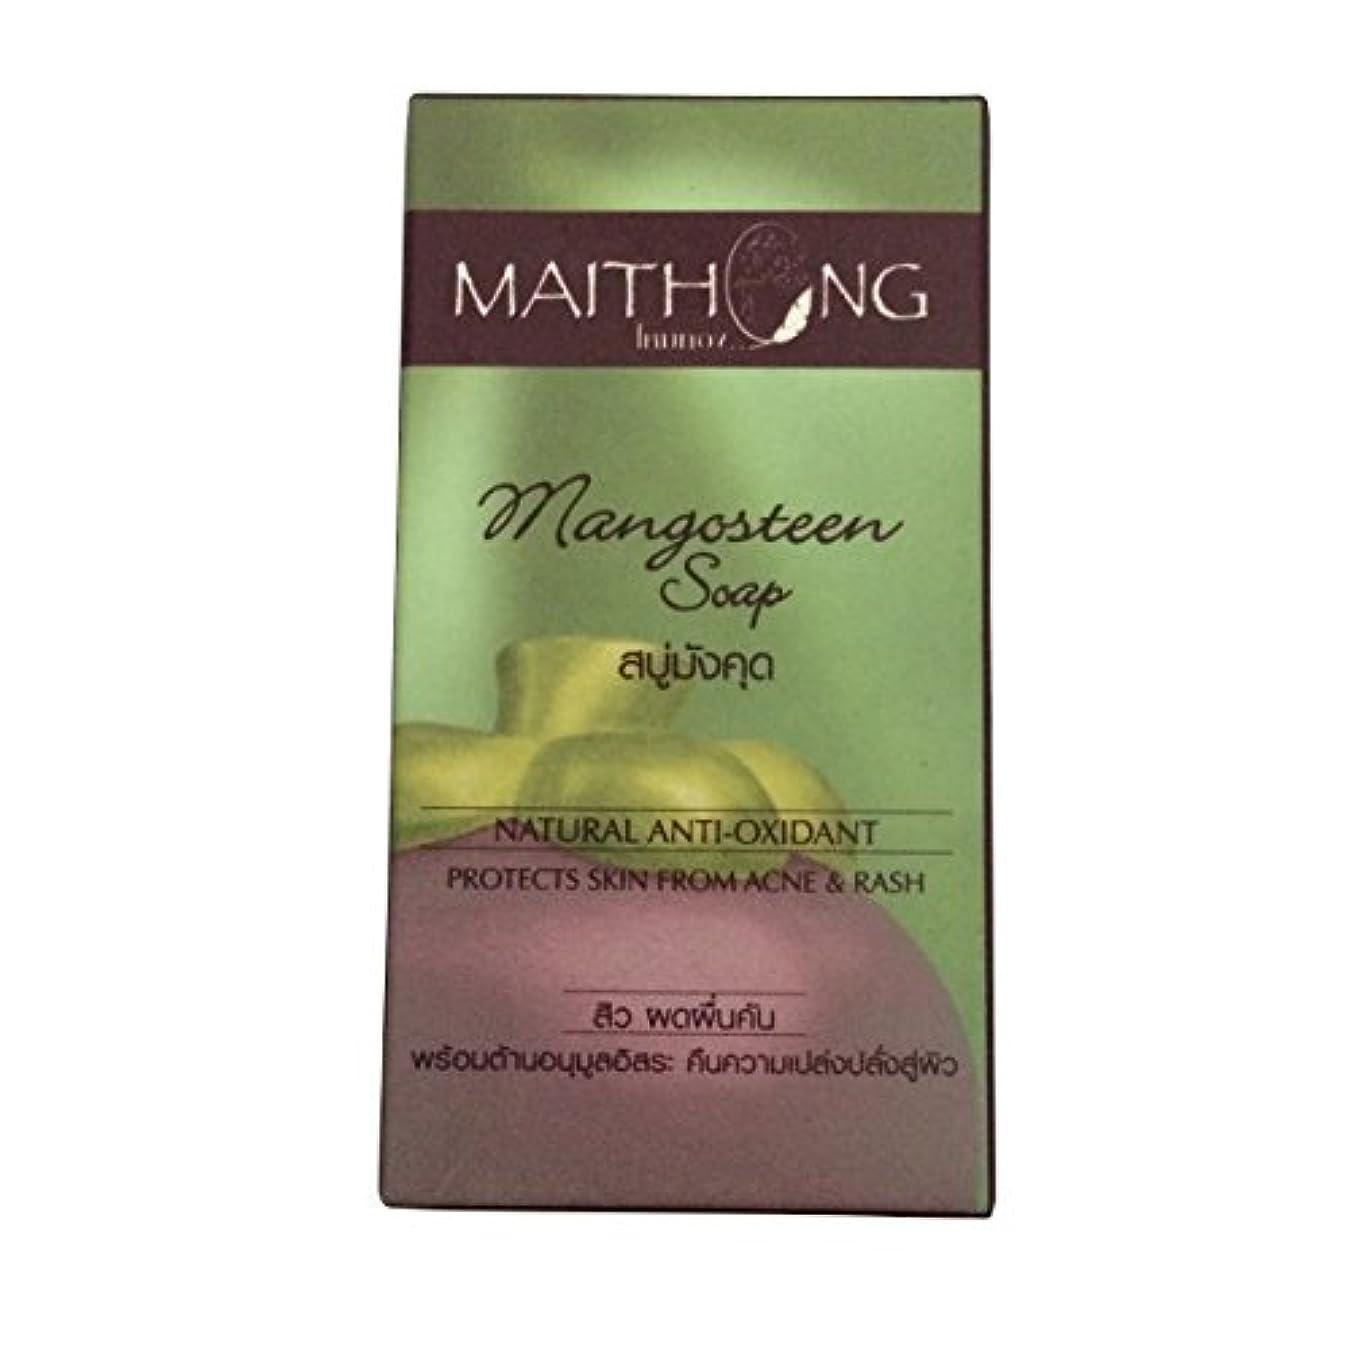 口述する吹きさらし薄汚い(マイトーン)MAITHONG マンゴスチン 石鹸 ソープ